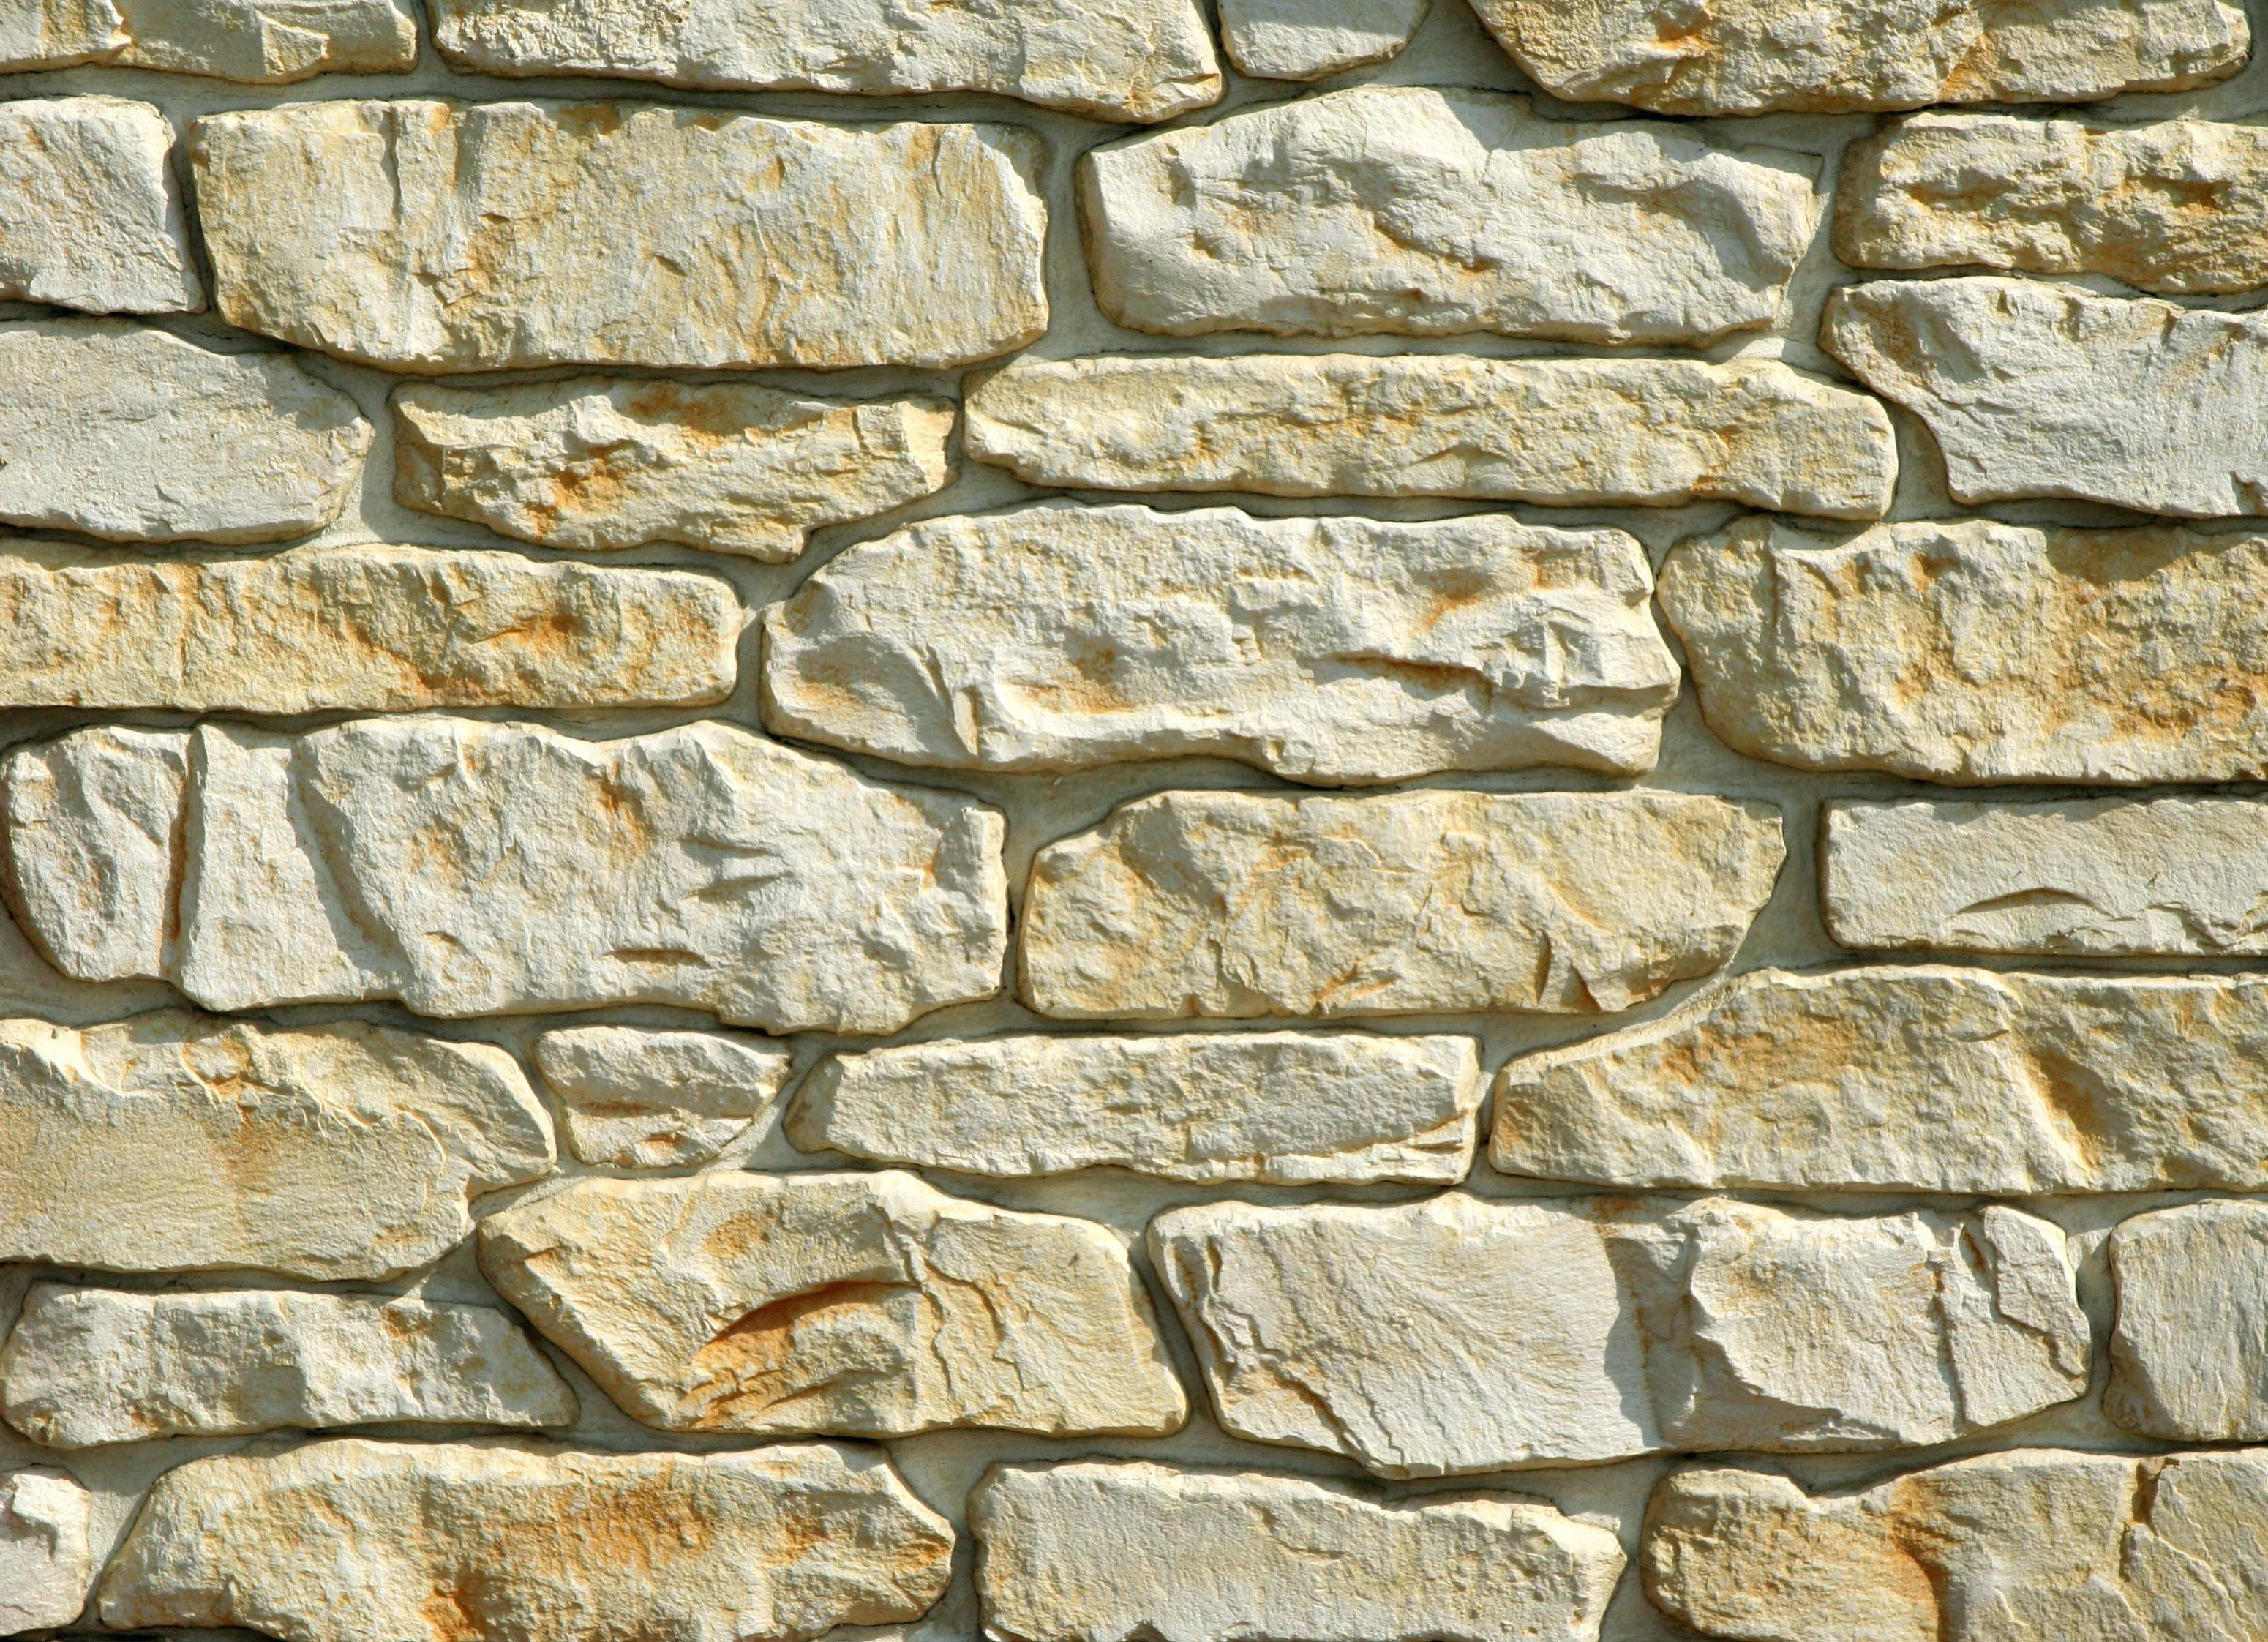 Riemchen Klinker Innen Wandverkleidung Auaen Kunststoff Einzigartig Within Naturstein Verblender Obi Naturstein Verblender Riemchen Klinker Verblendsteine